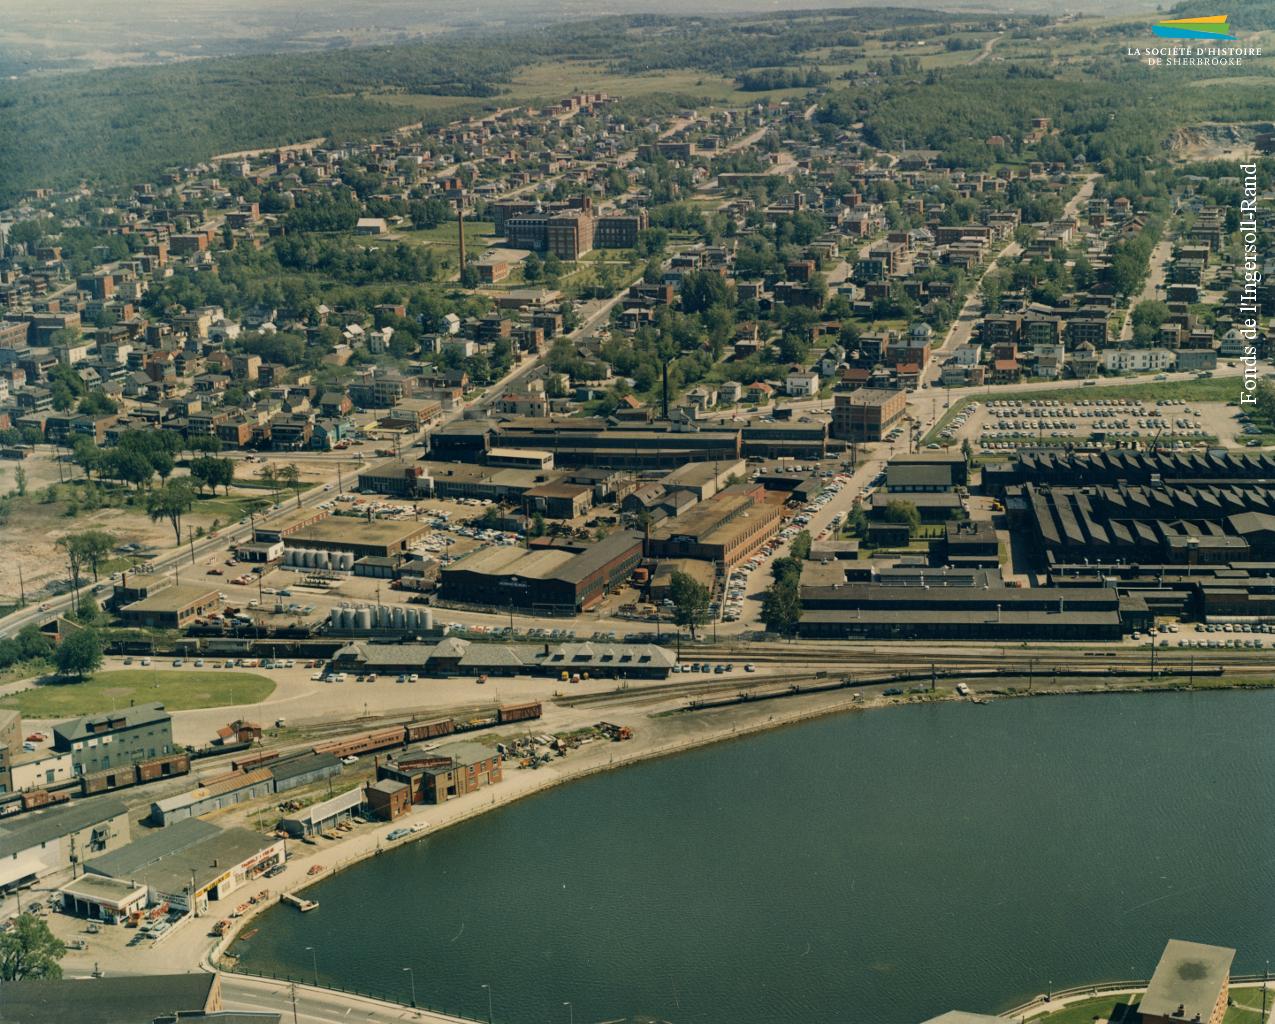 Vue aérienne du quartier Ouest en 1963. À l'avant-plan se trouvent les usines métallurgiques et la gare du Canadien Pacifique avec, derrière, les rues résidentielles.